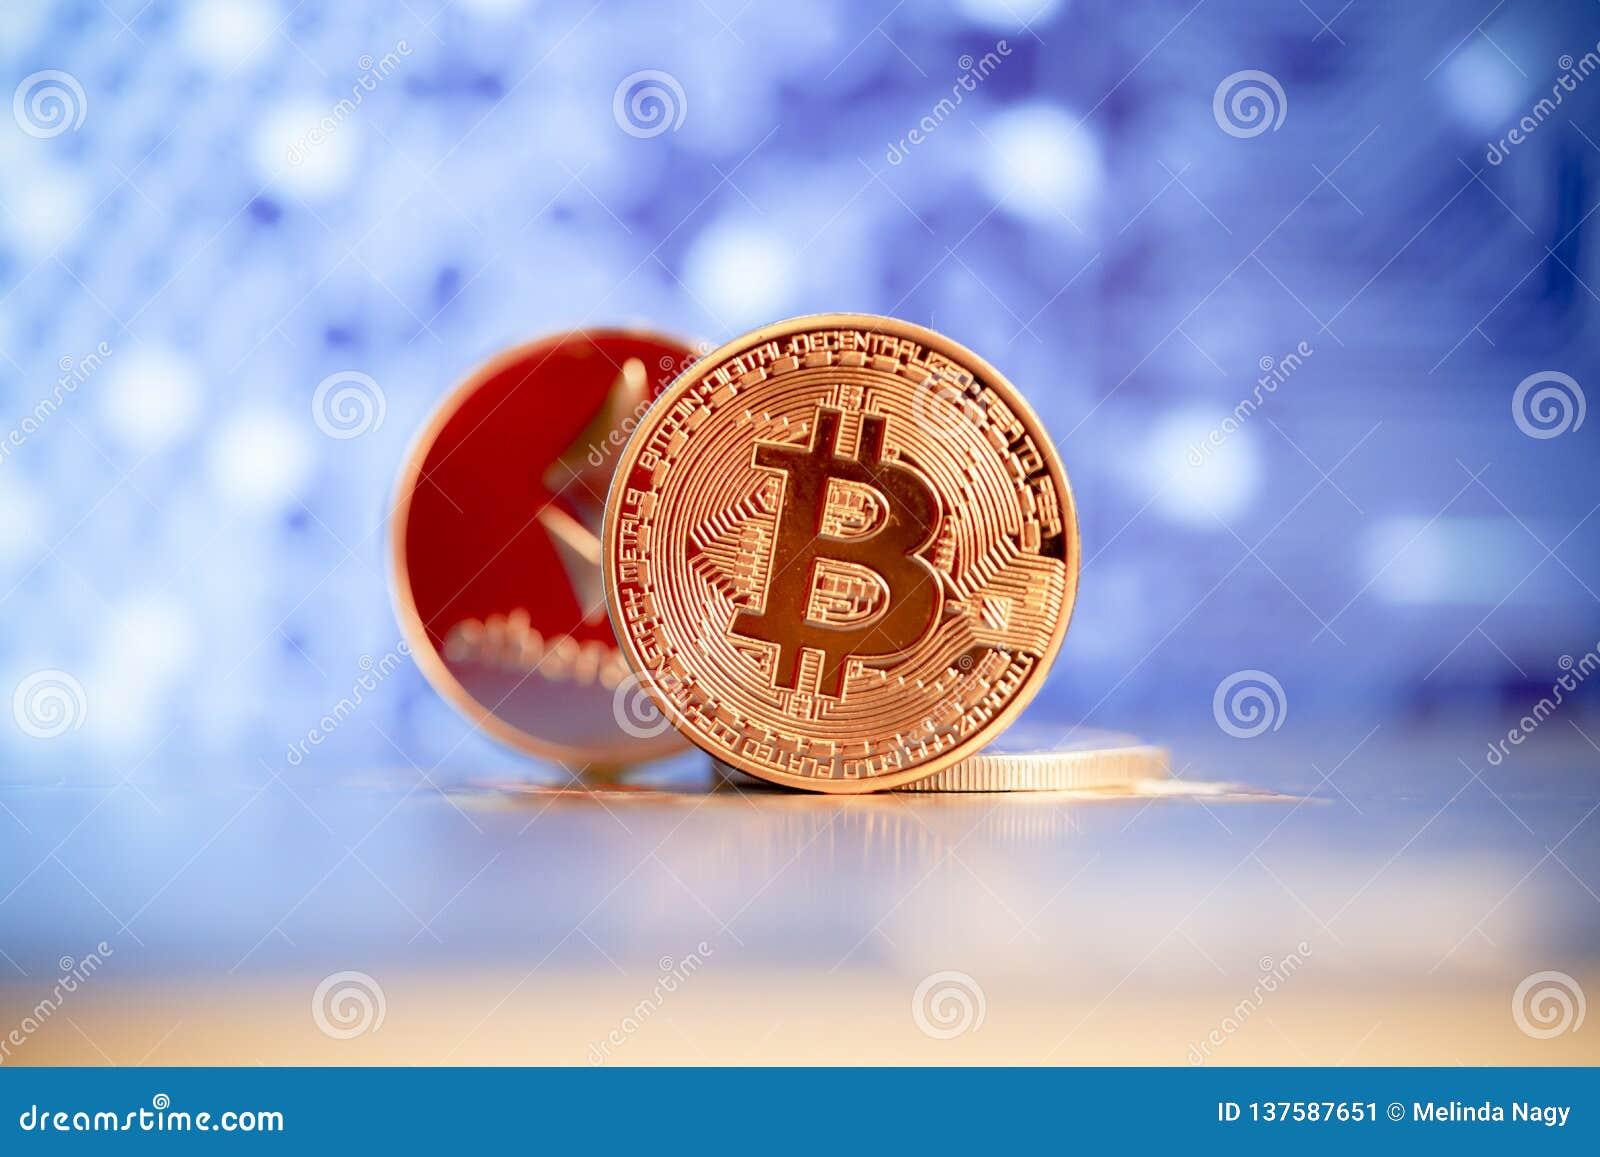 anonimo bitcoin commercio bitcoin 2 anno grafico